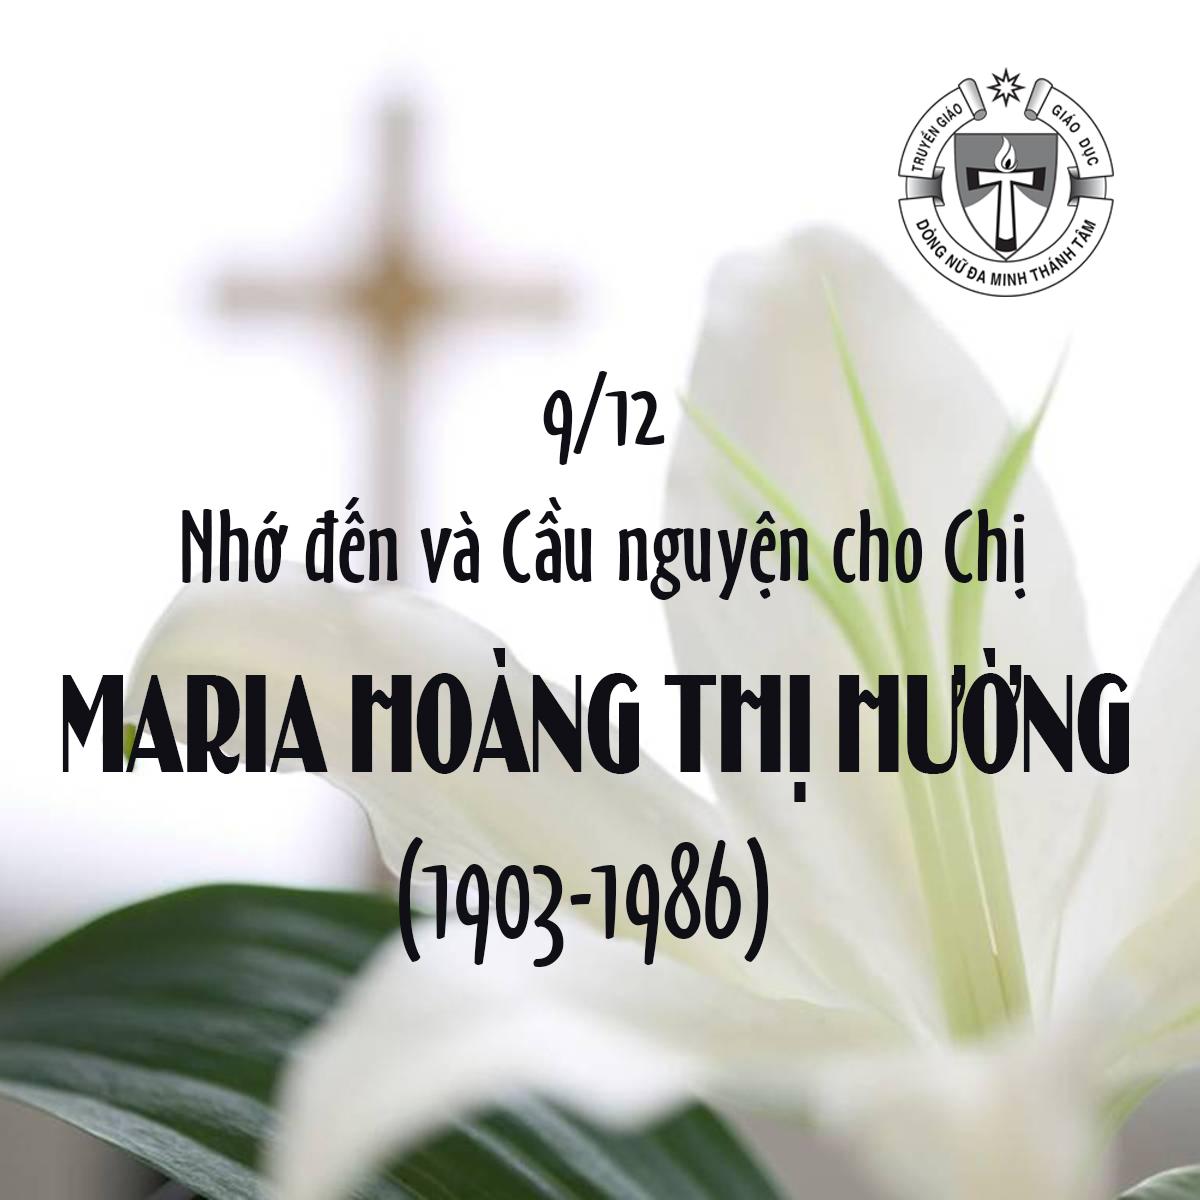 9/12: GIỖ CHỊ MARIA HOÀNG THỊ HƯỜNG (1903-1986)